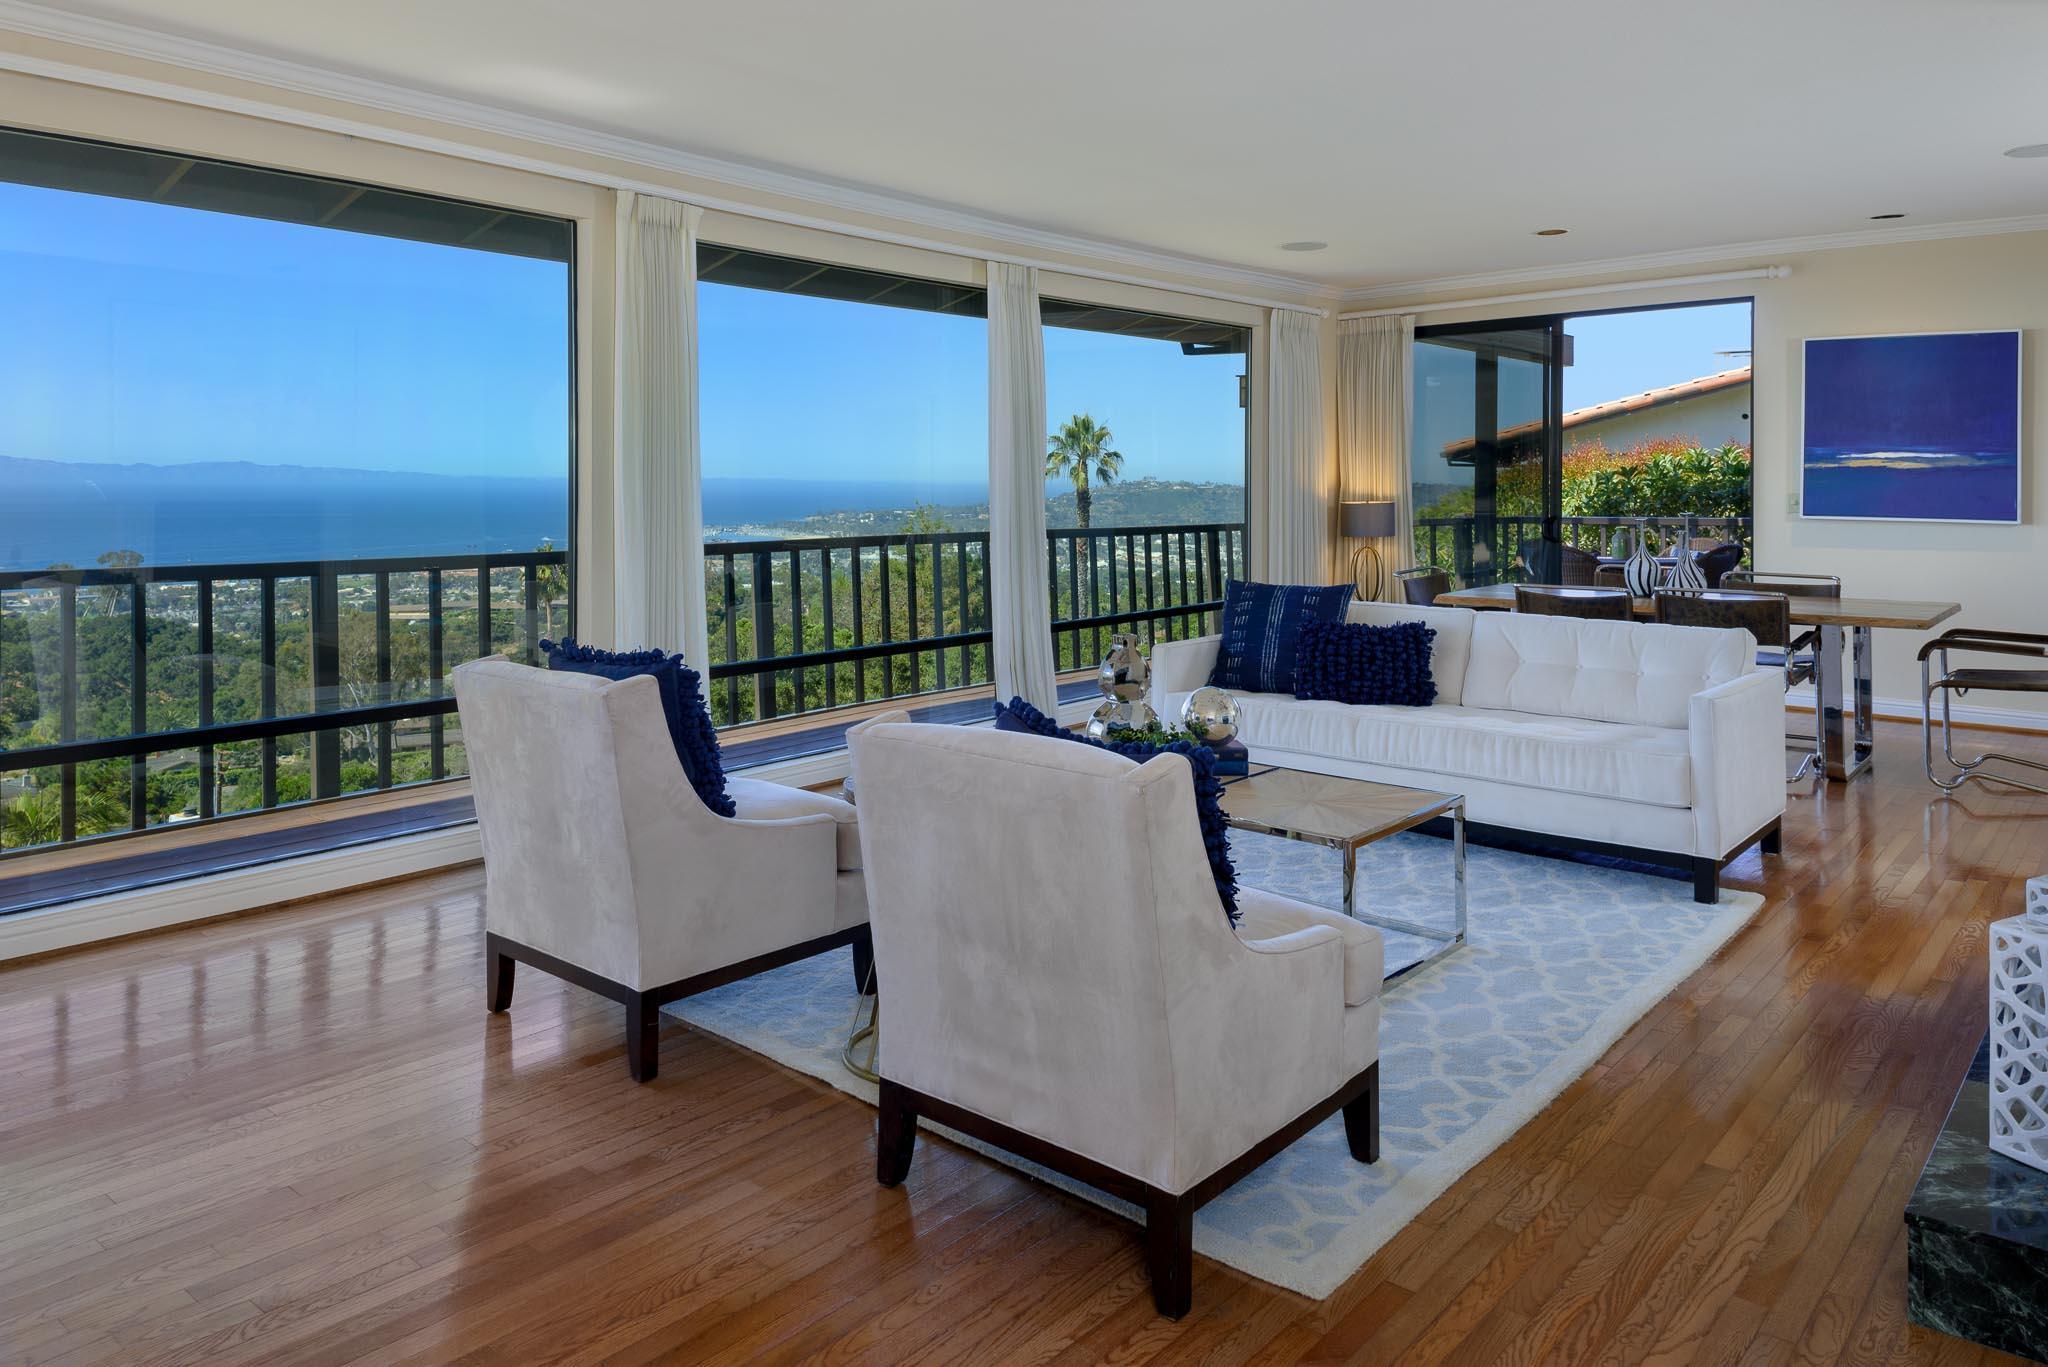 Property photo for 178 Coronada Cir Santa Barbara, California 93108 - 17-2113